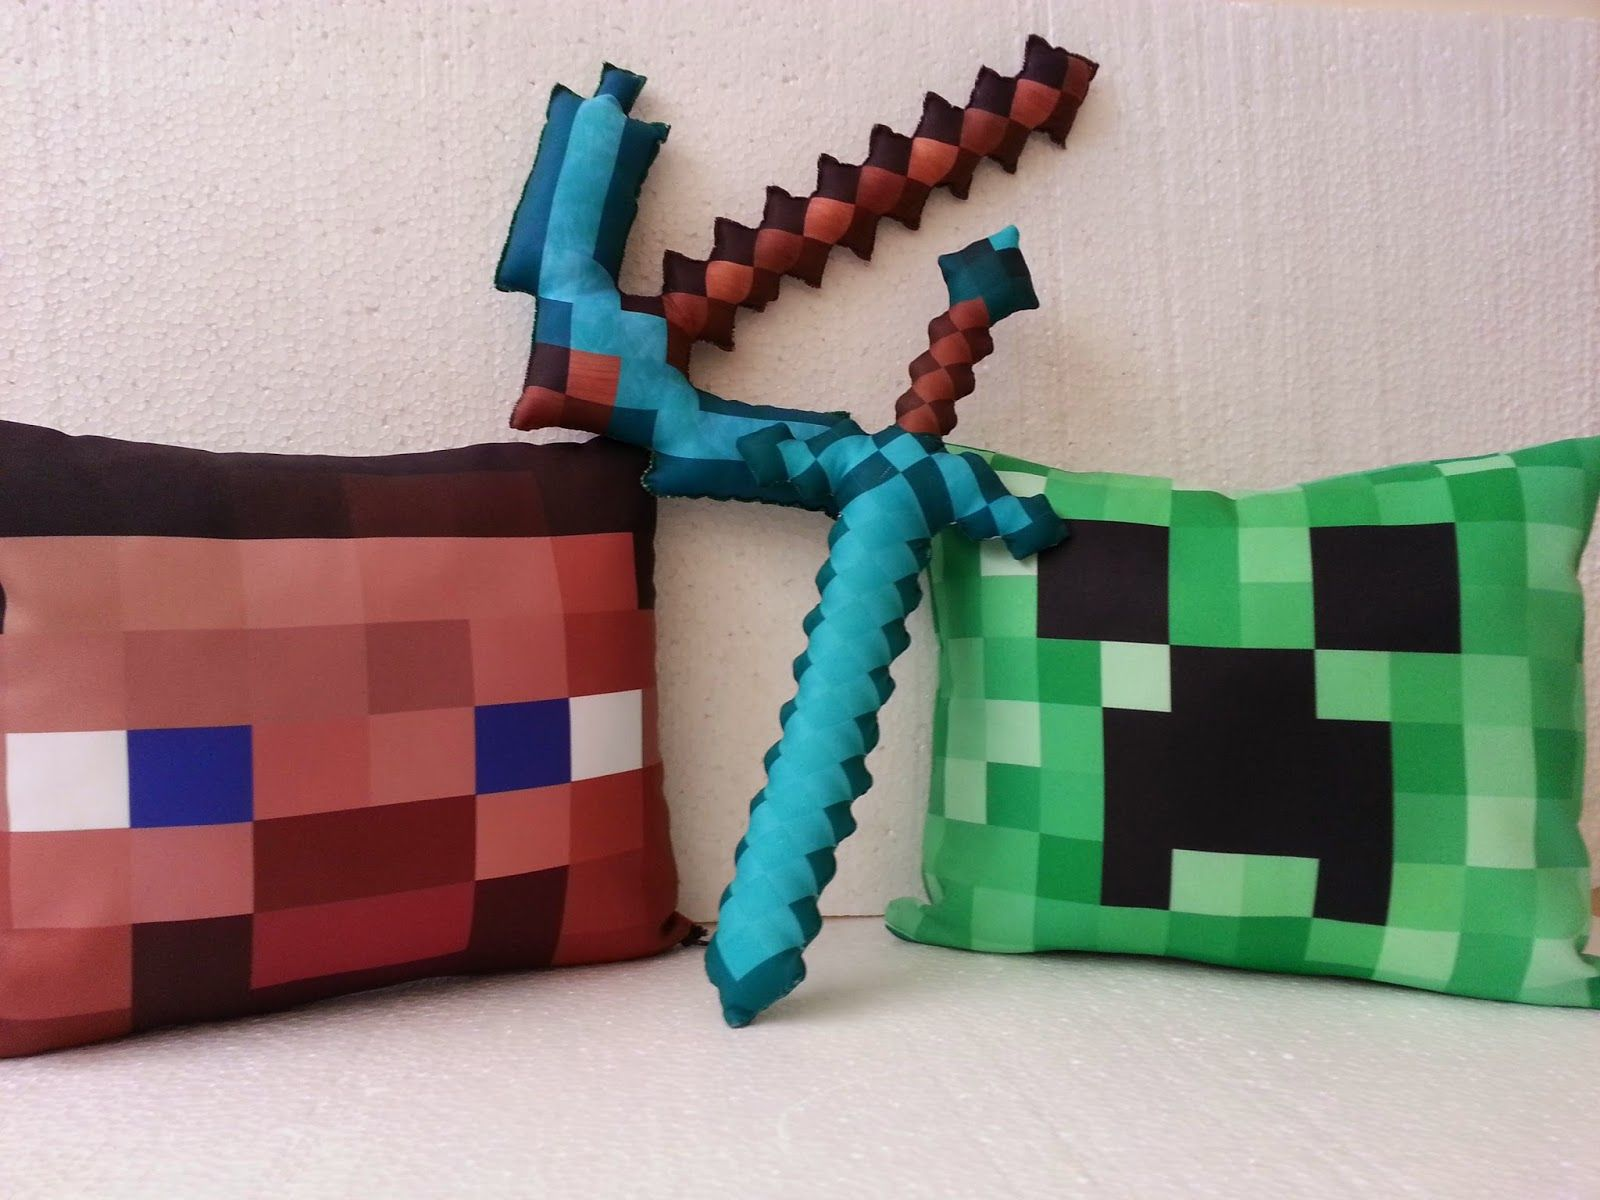 ALMOFADAS CREEPER E STEVE MINECRAFT GAME Minecraft Pinterest - Minecraft spiele mit waffen